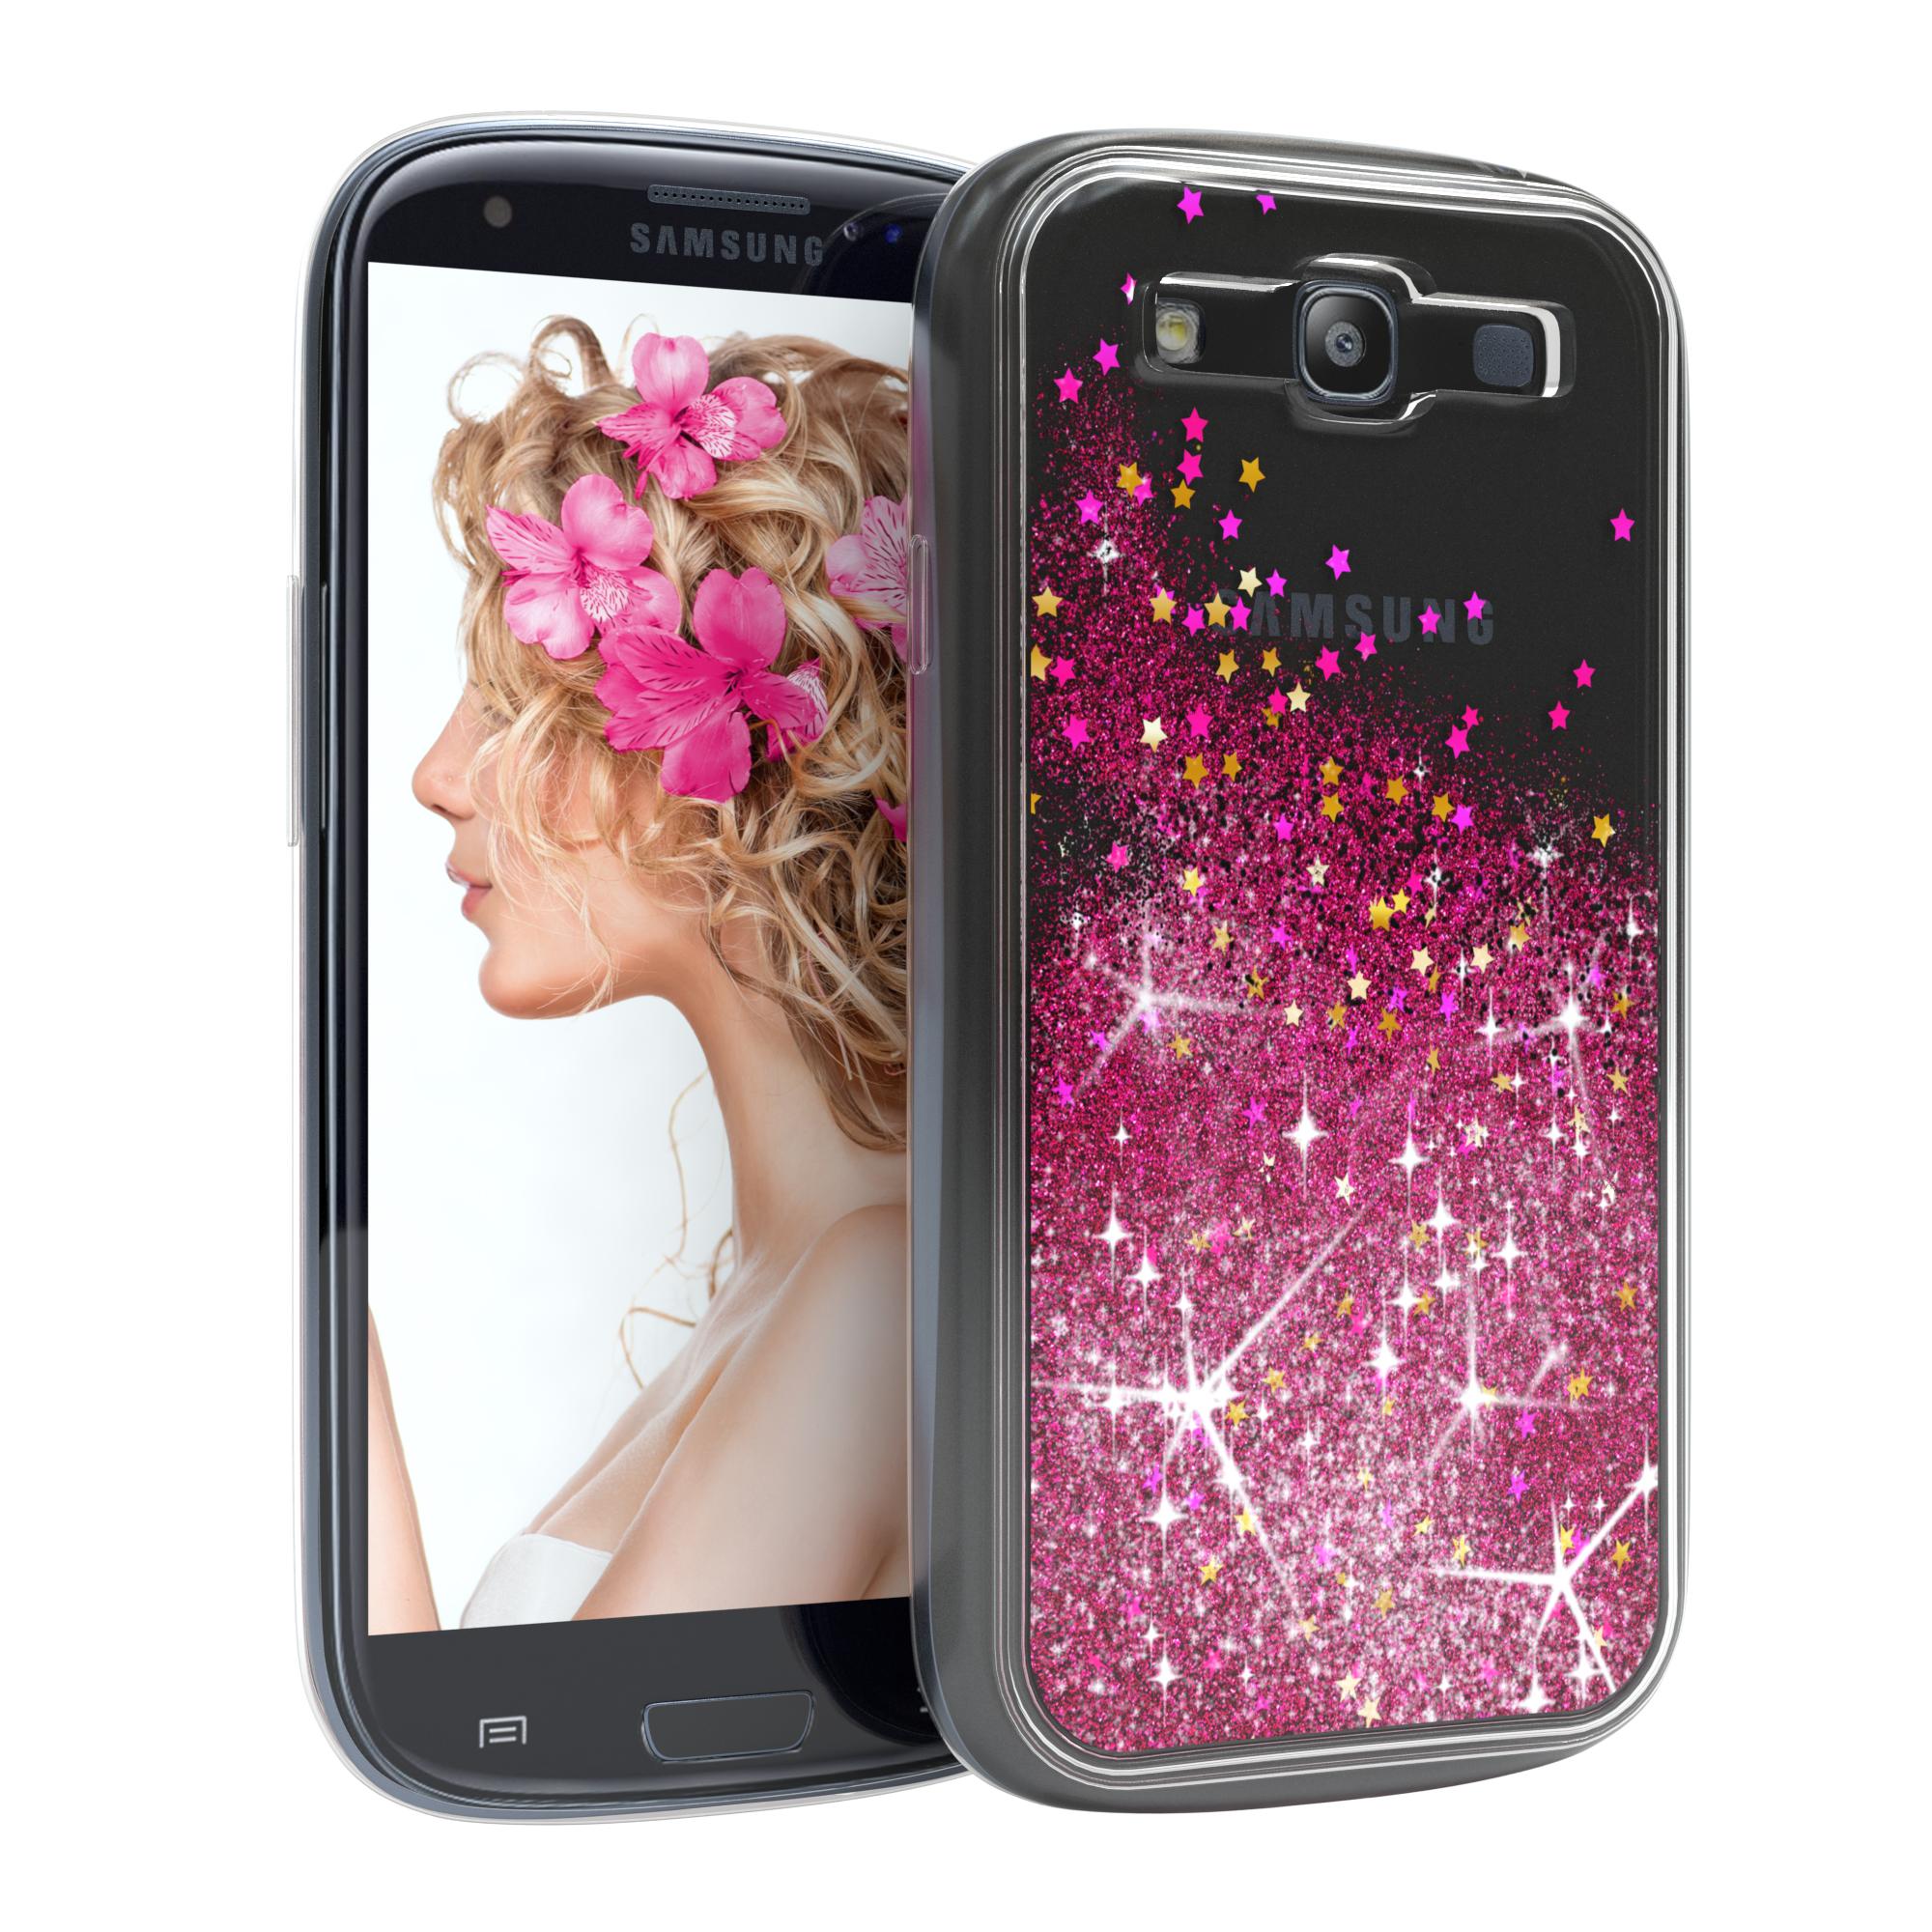 Handyhülle Samsung Galaxy : schutz h lle f samsung galaxy s3 neo liquid glitzer cover handy case pink ebay ~ Aude.kayakingforconservation.com Haus und Dekorationen